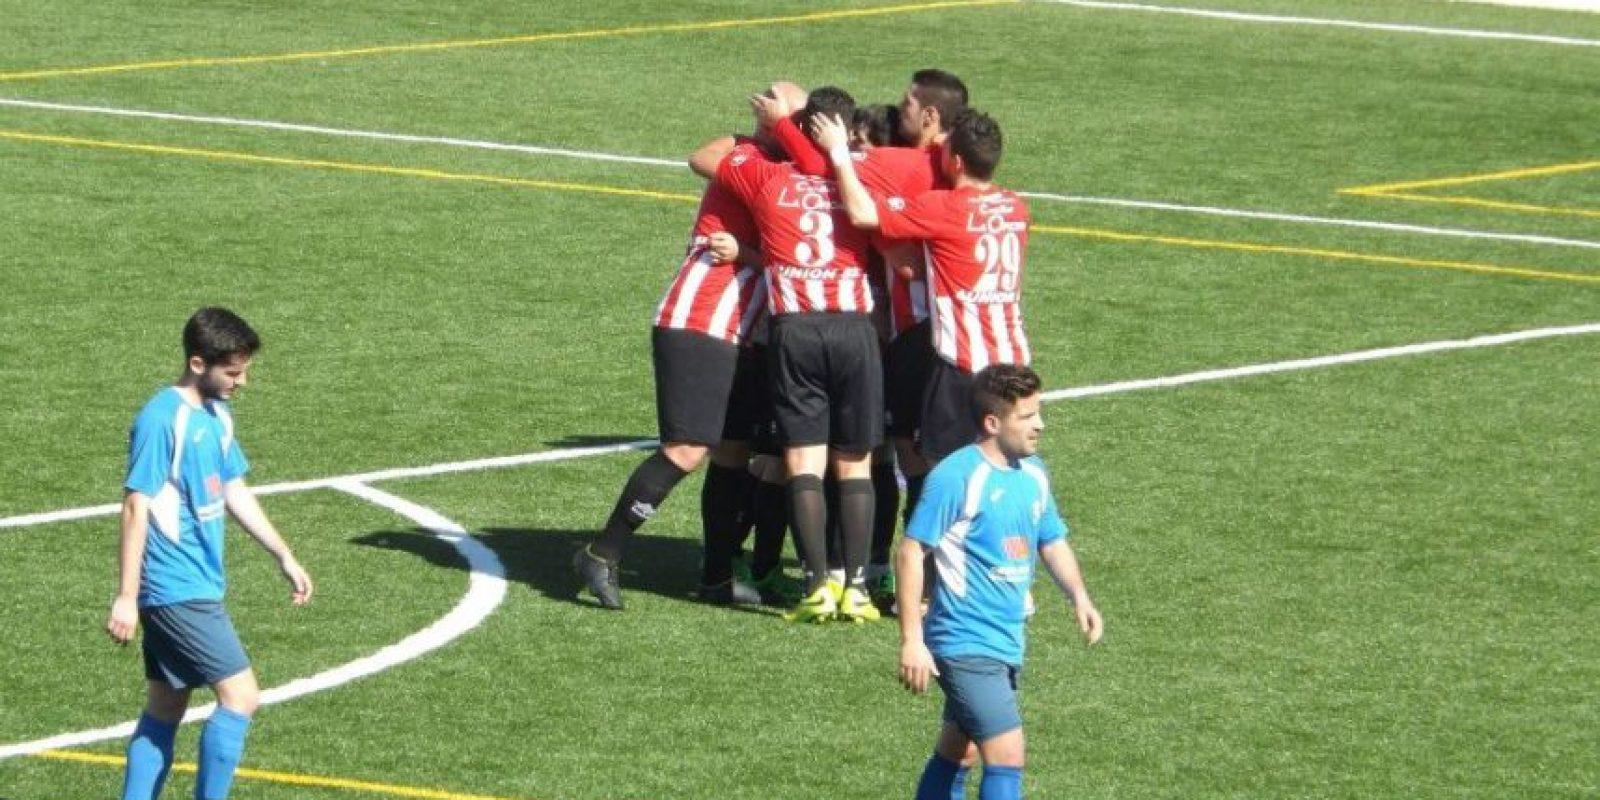 Este torneo se disputa en la Comunidad Autónoma de Extremadura, en España. Foto:Vía facebook.com/cdsanservan